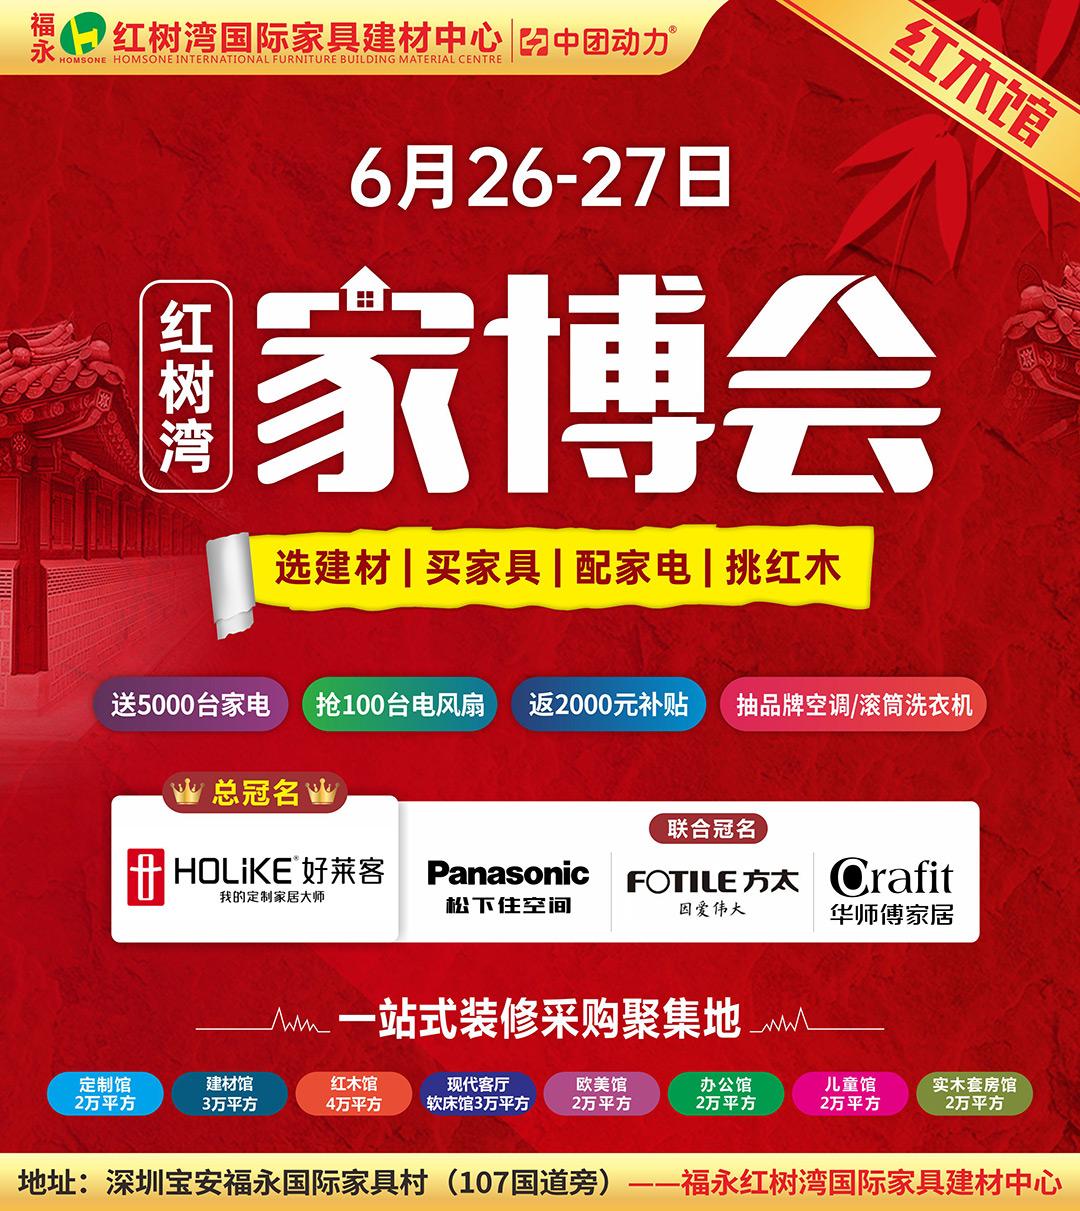 【红木家具展】6月26-27日 福永红树湾600建材/家具/红木家具大让利,送5000台品牌家电,返100万现金